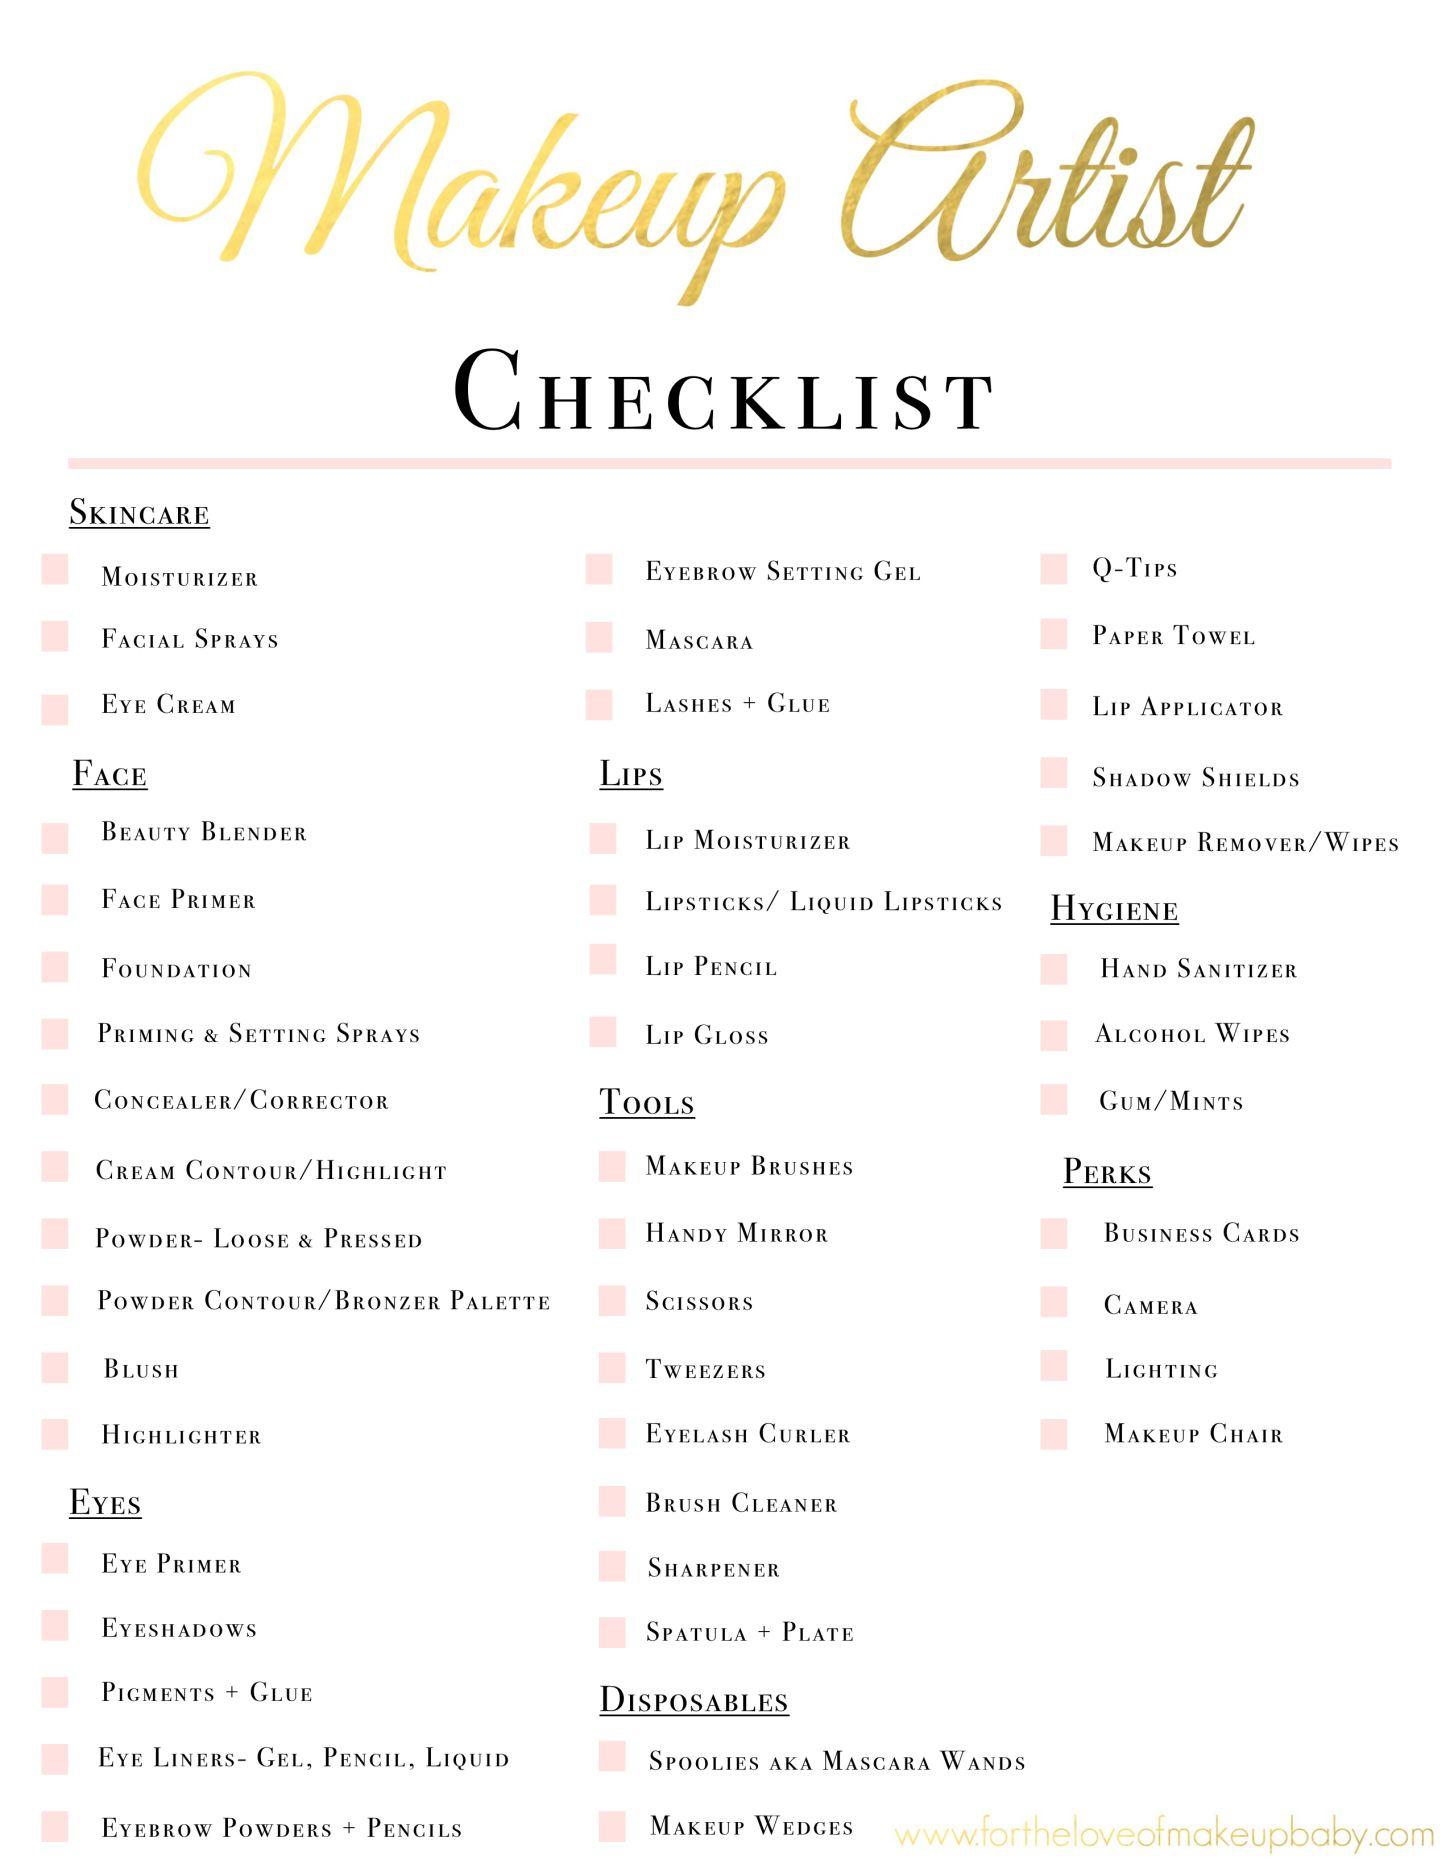 mua checklist Makeup artist kit, Makeup artist tips